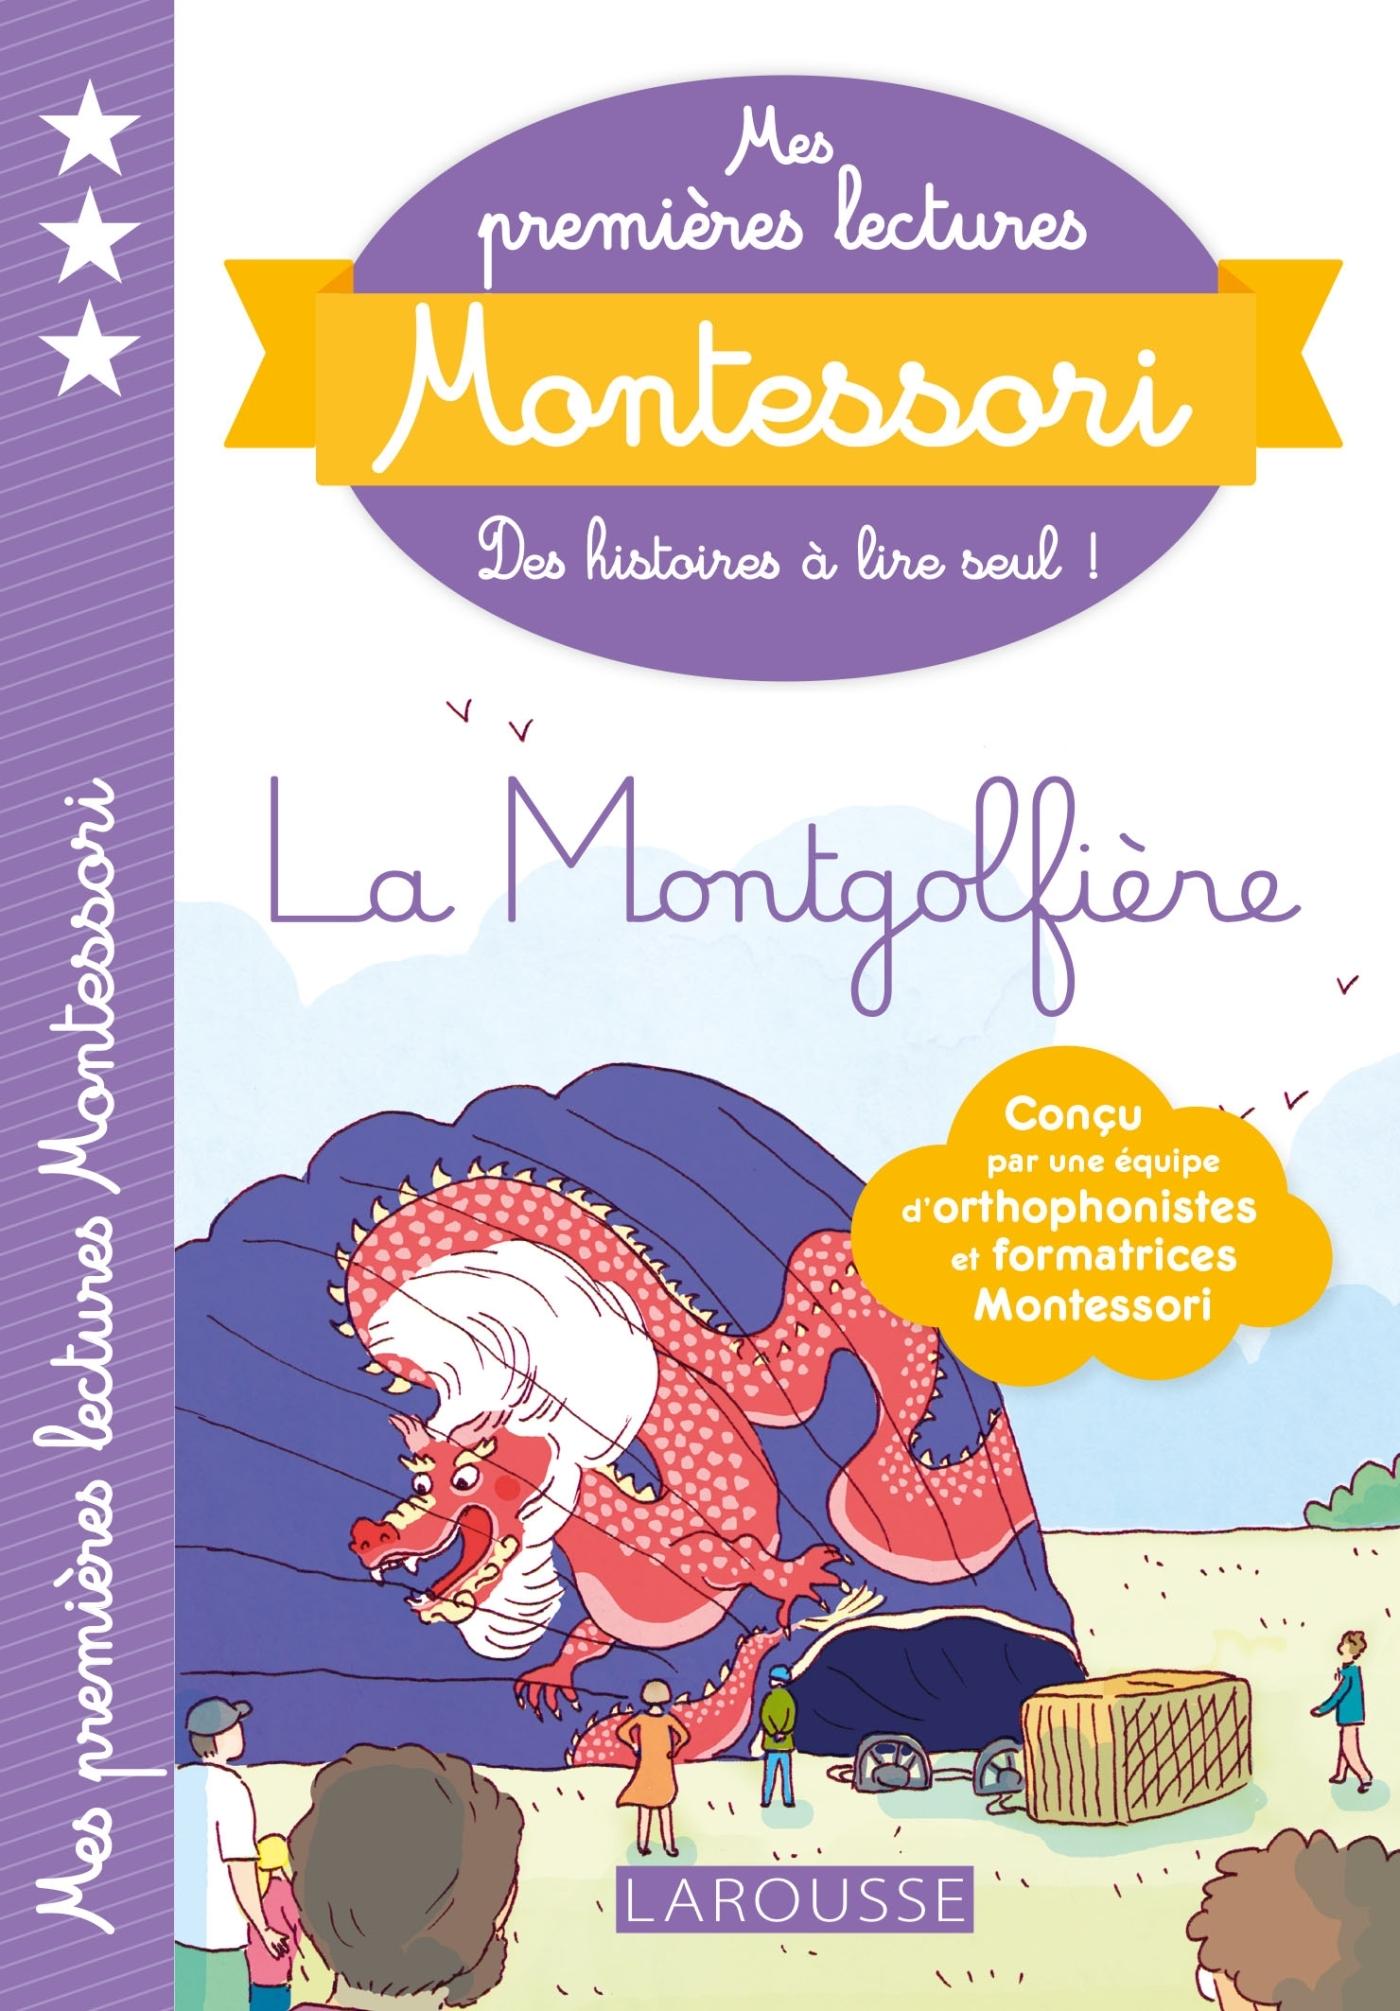 MES PREMIERES LECTURES MONTESSORI, LA MONTGOLFIERE